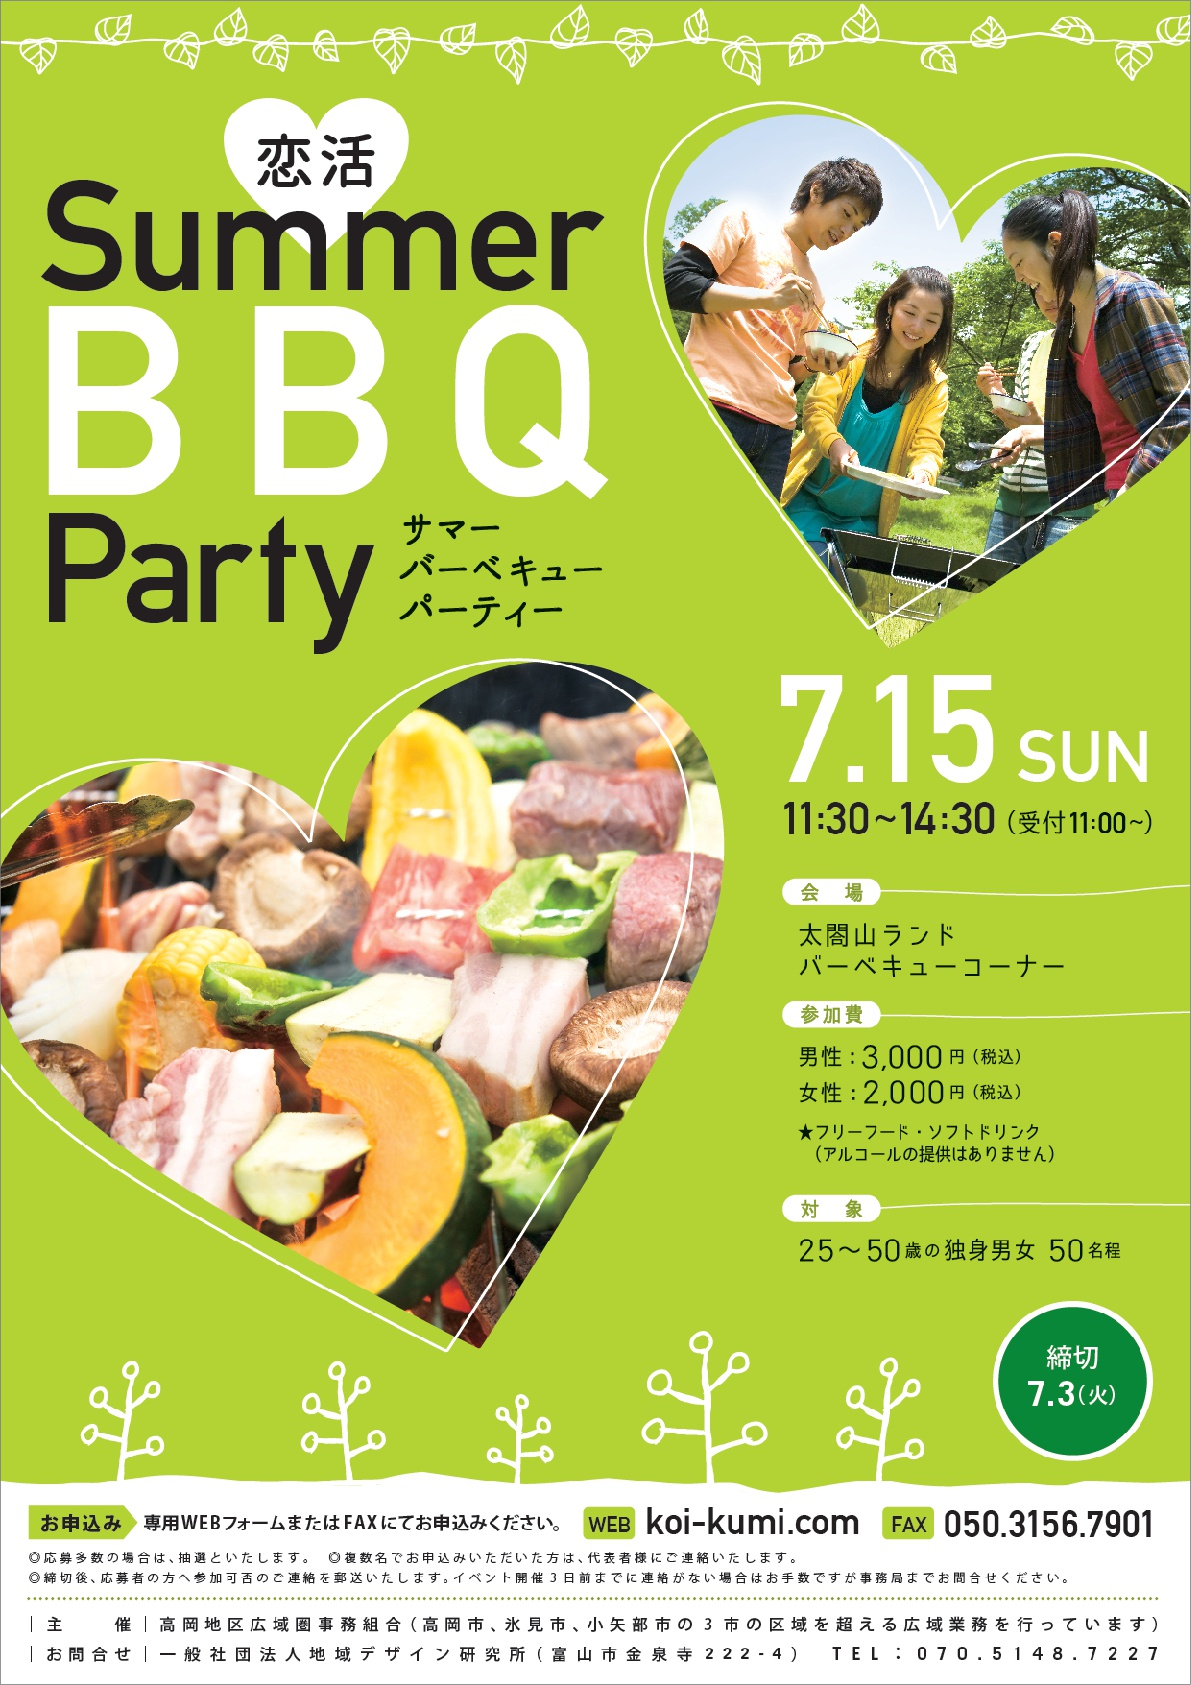 終了しました 7 15 日 恋活 summer bbq party meet here